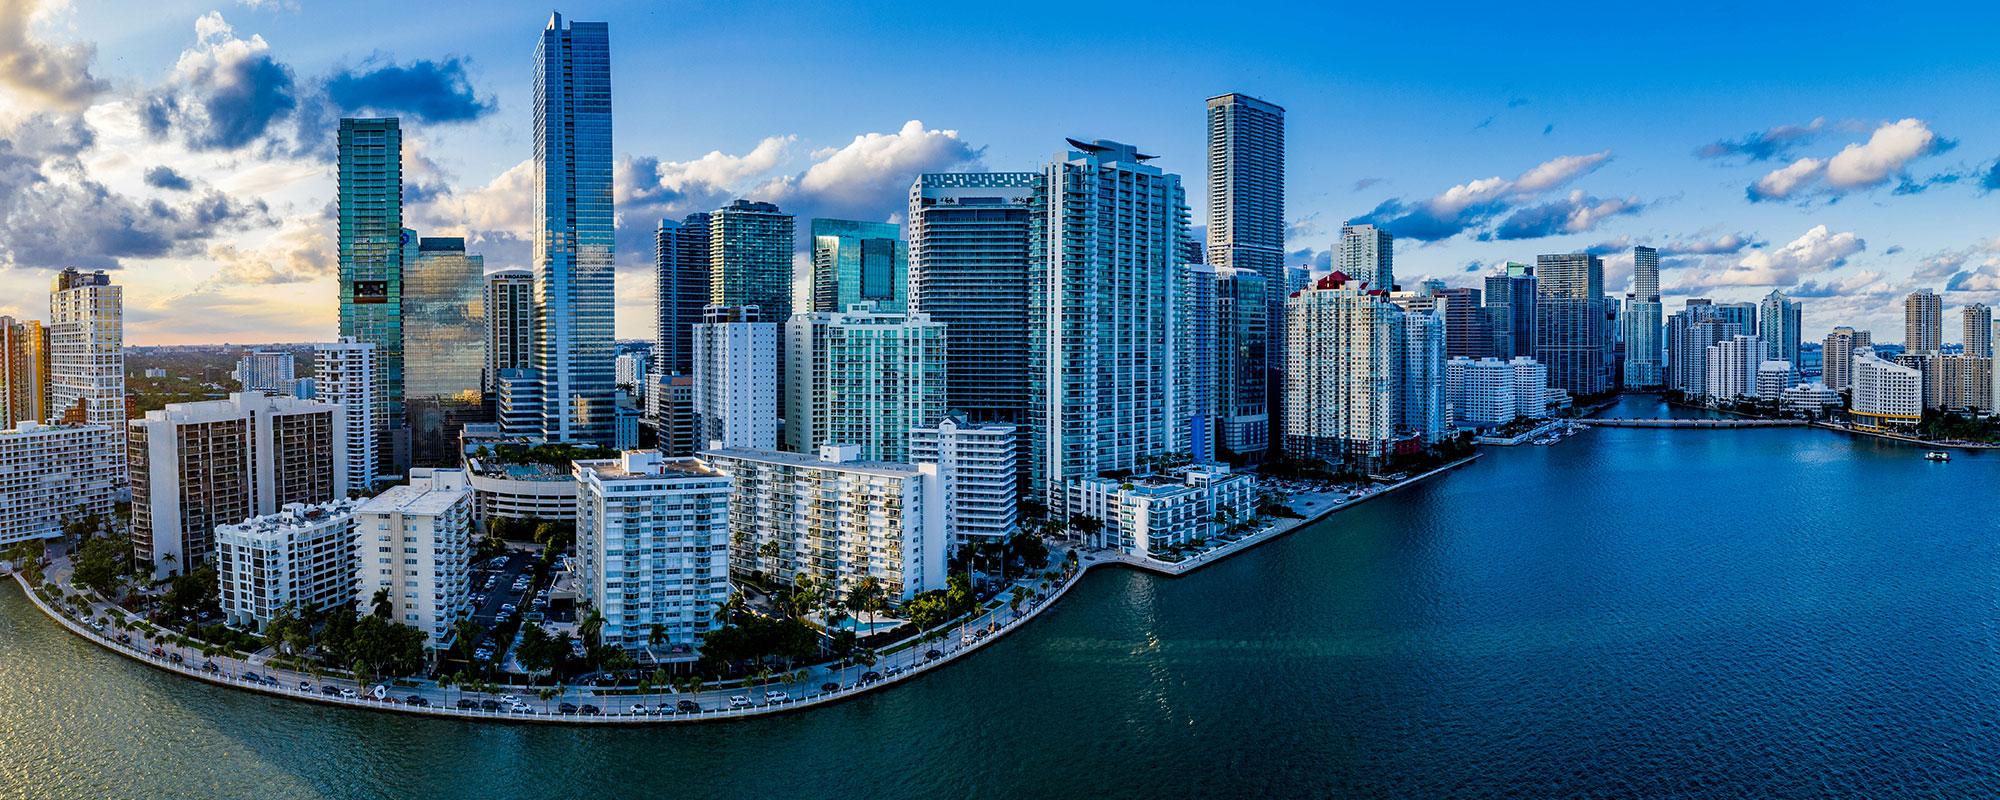 Miami 867724554.jpg